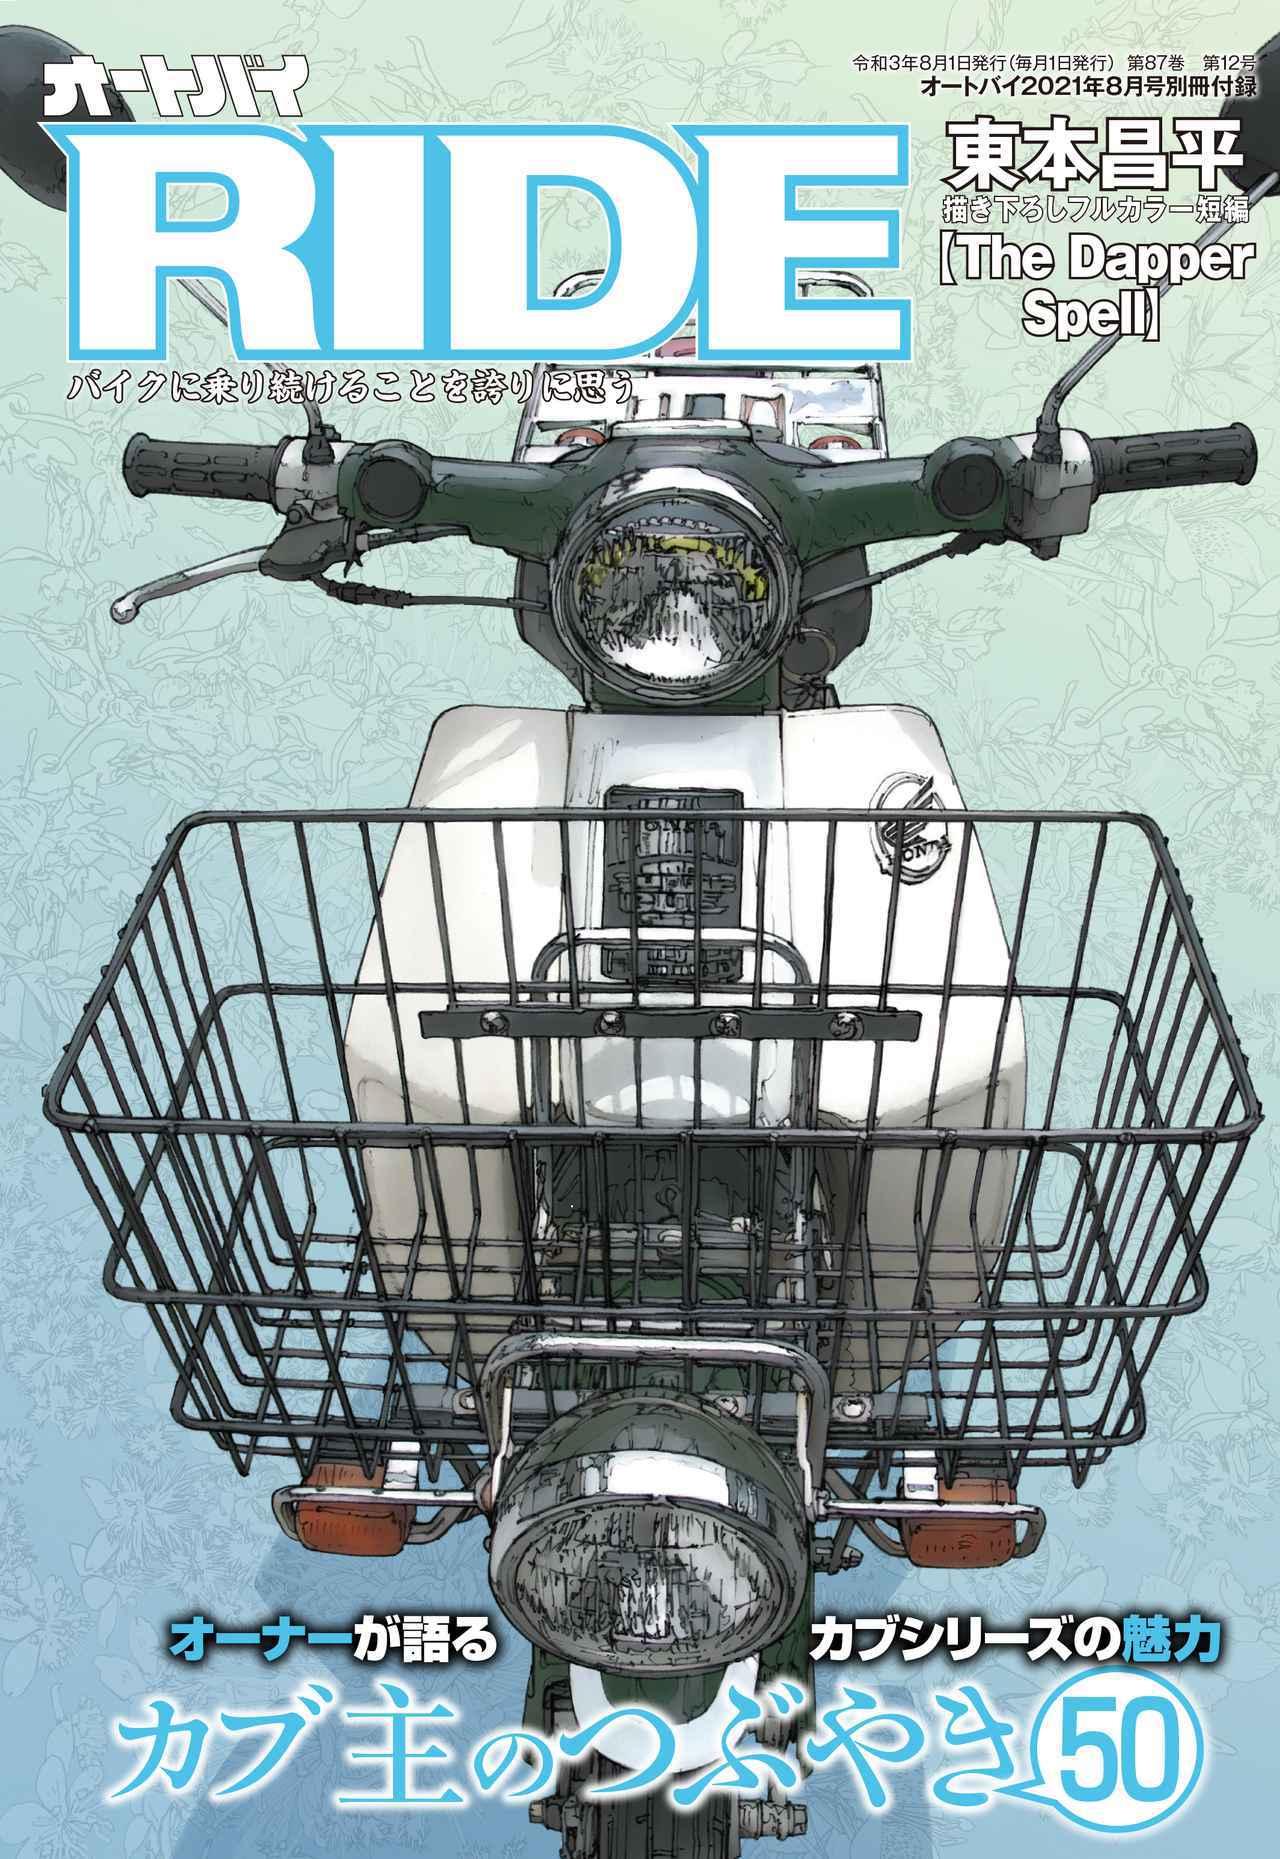 画像5: 月刊『オートバイ』最新8月号は2021年7月1日発売! 大人気125ccモデル完全攻略|別冊付録「RIDE」では旧型カブを大特集